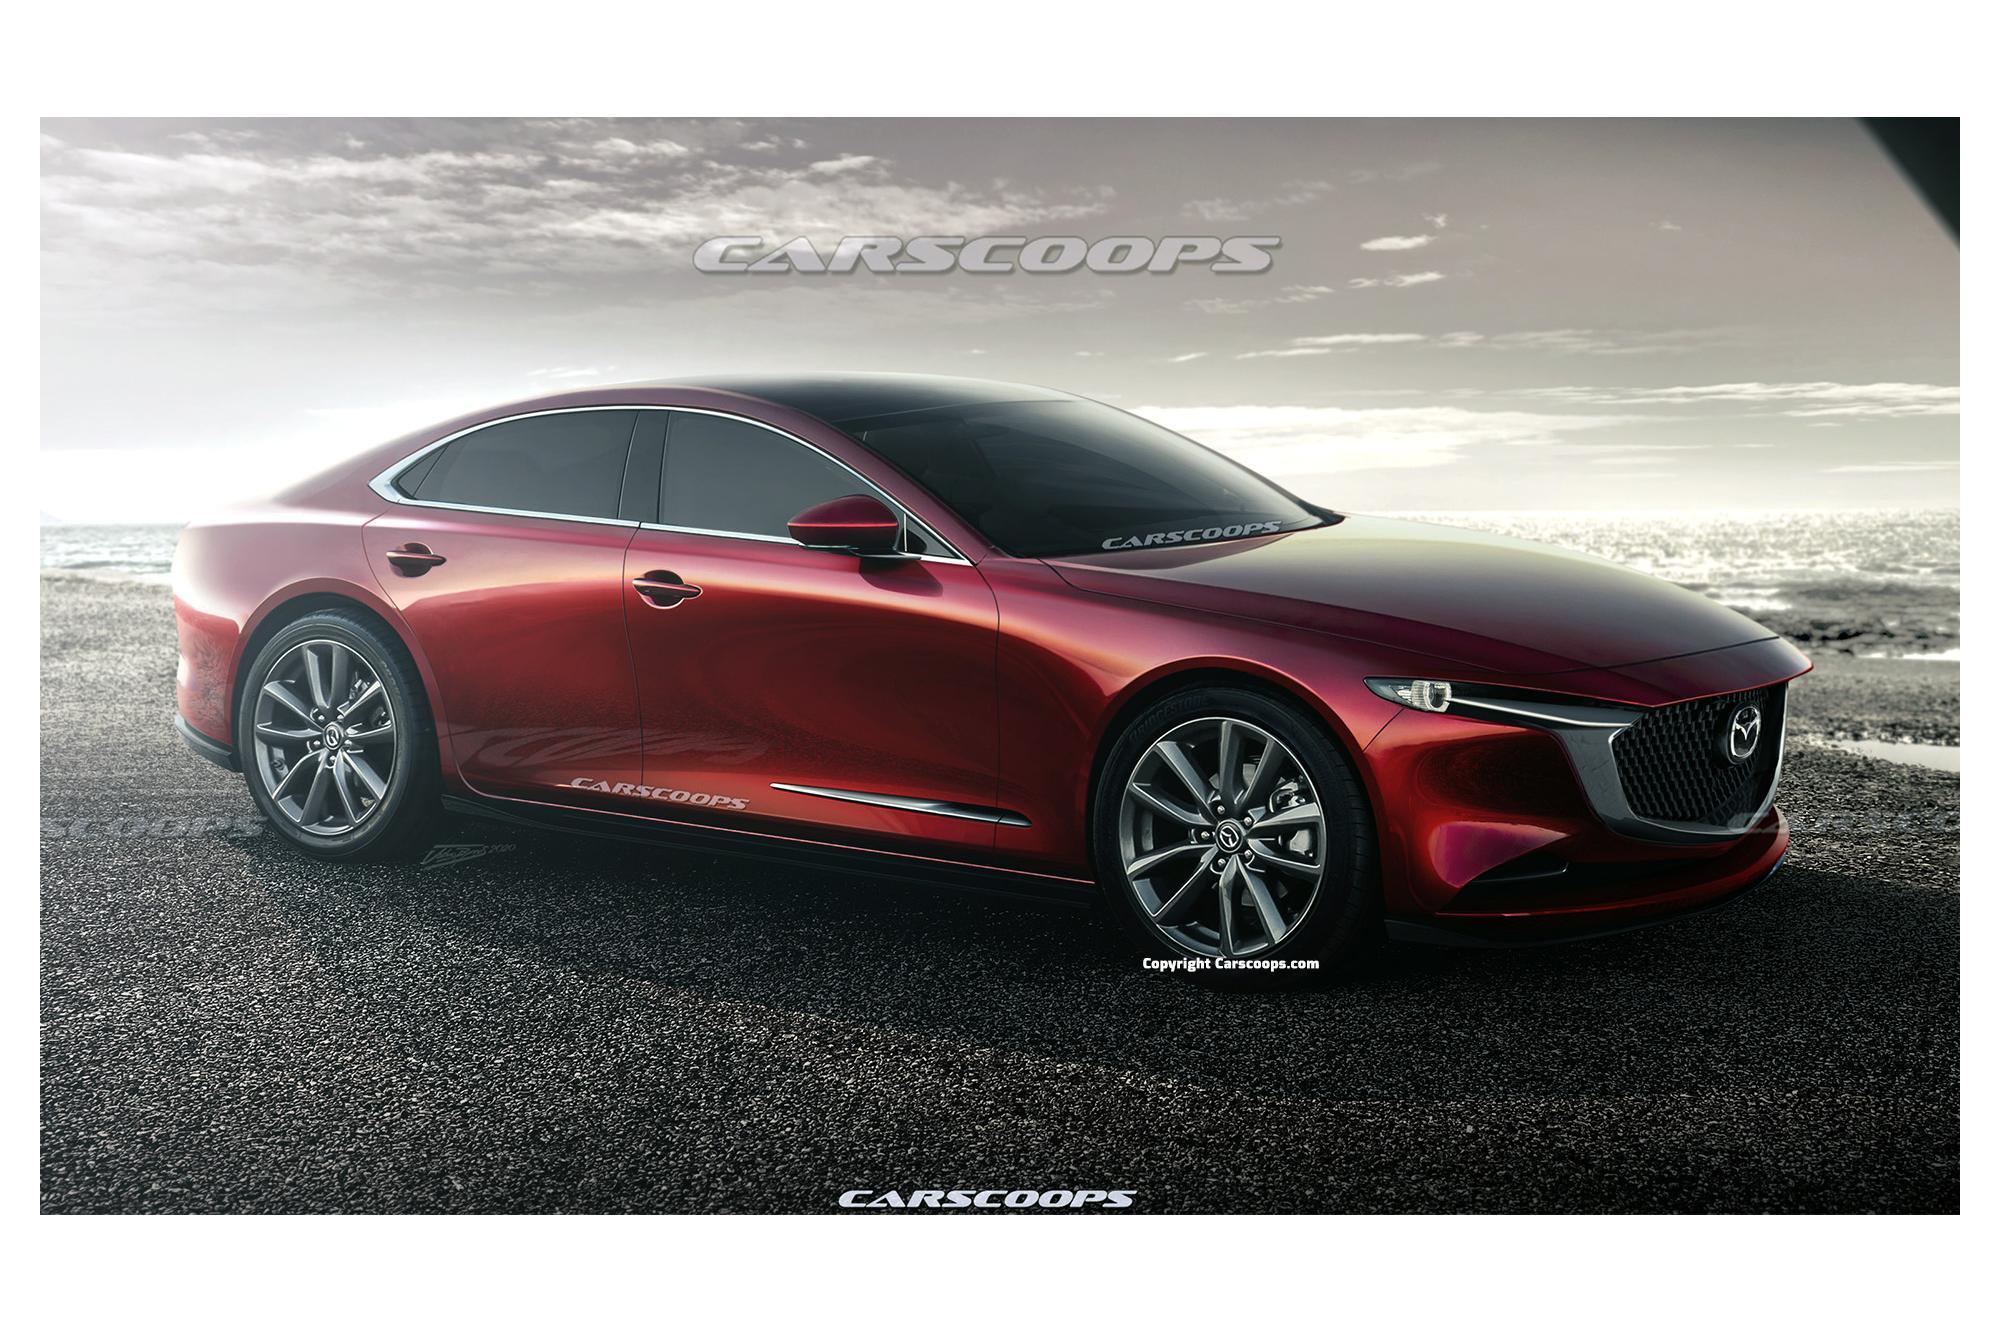 Θα είναι πισωκίνητο το νέο Mazda 6;